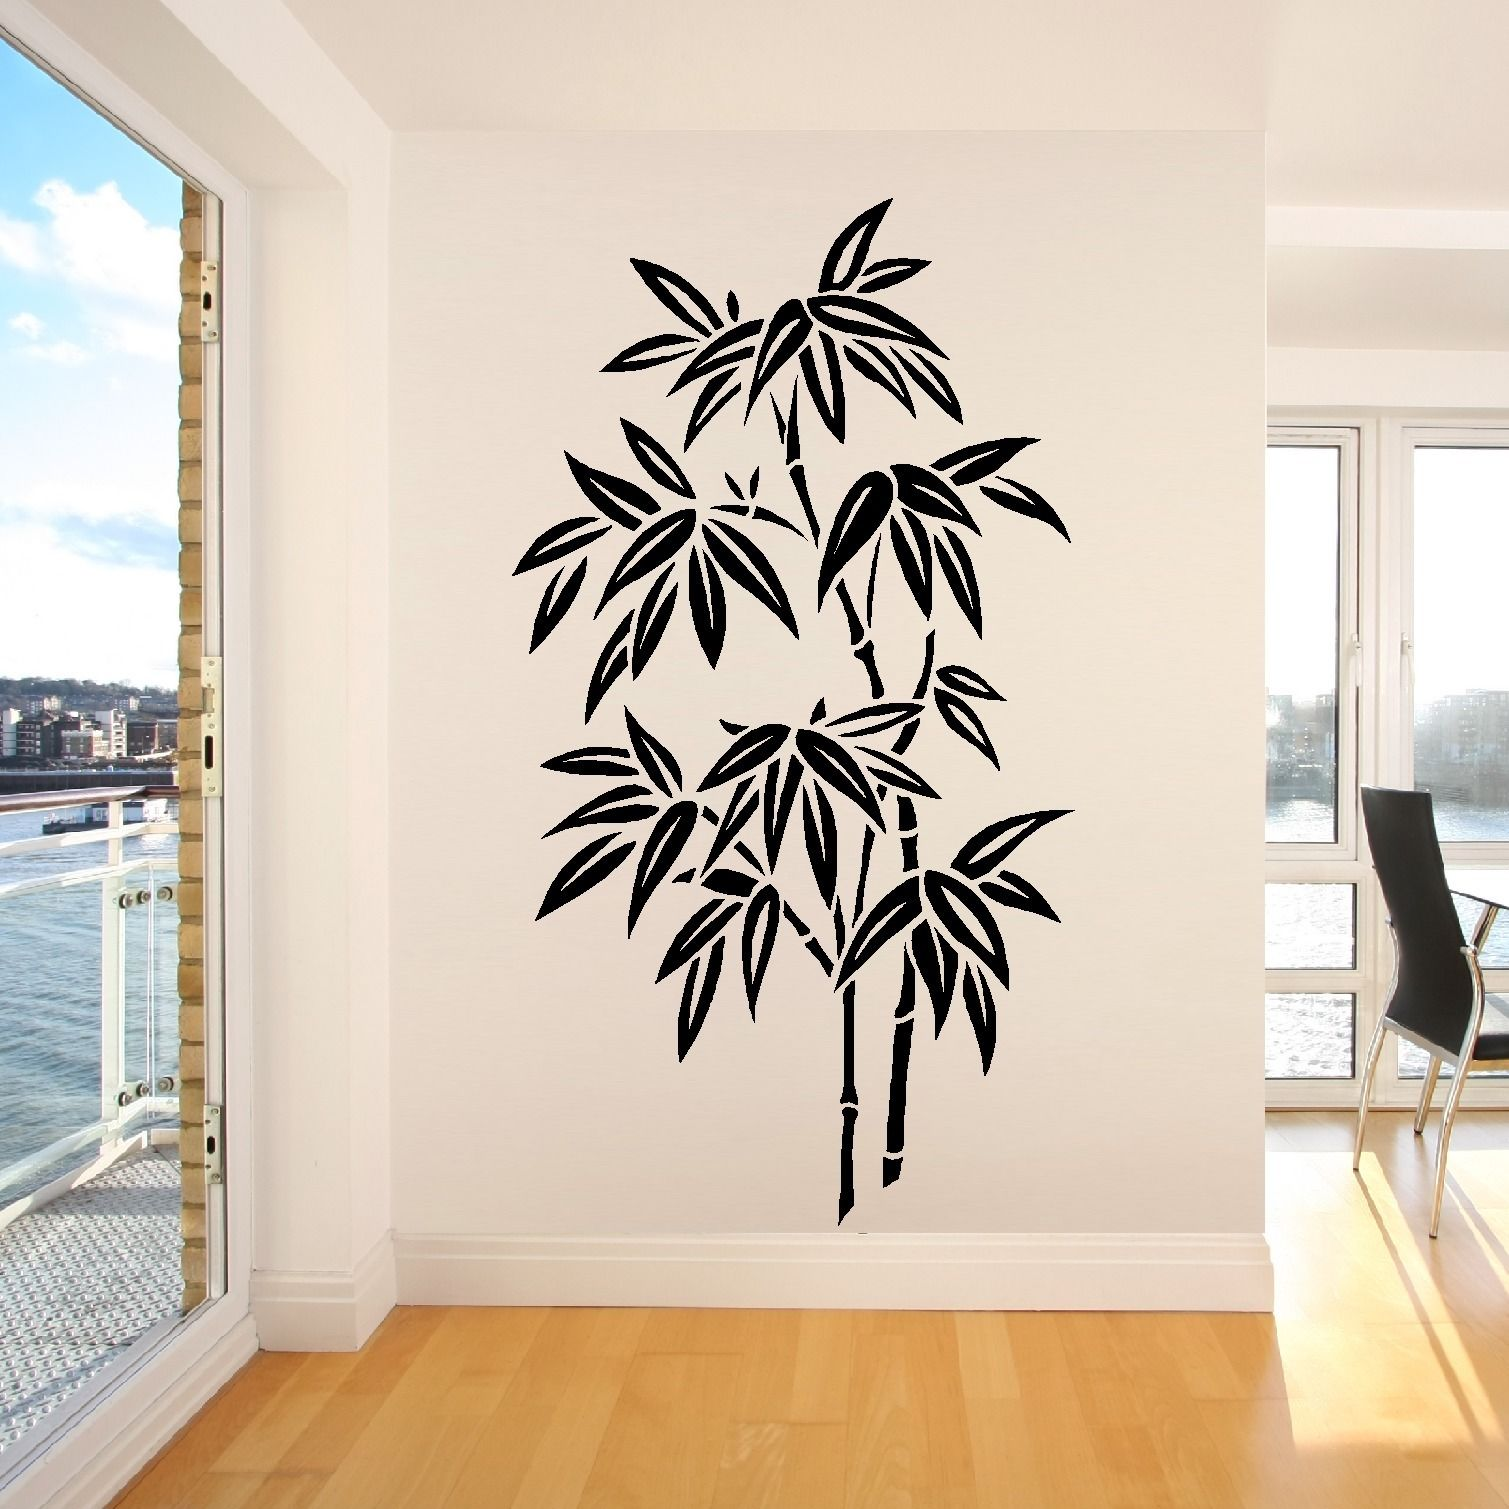 Wall Mural Stencils Popular Wall Stencil Tree Buy Cheap Wall Stencil Tree Lots